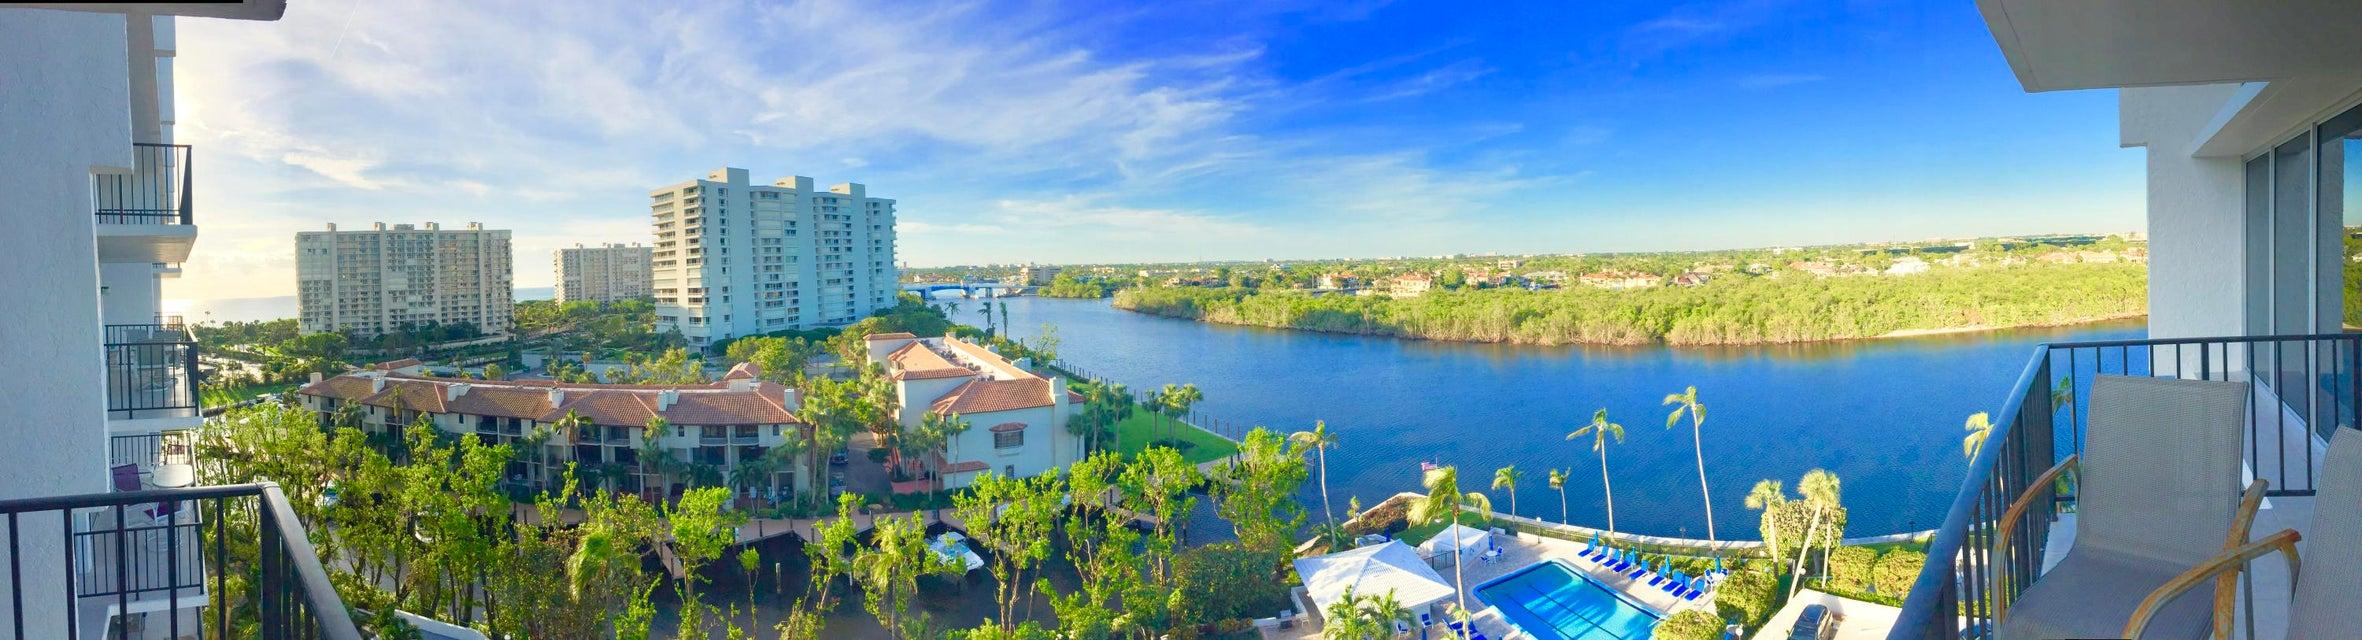 Konsum / Eigentumswohnung für Verkauf beim 4750 S Ocean Boulevard 4750 S Ocean Boulevard Highland Beach, Florida 33487 Vereinigte Staaten